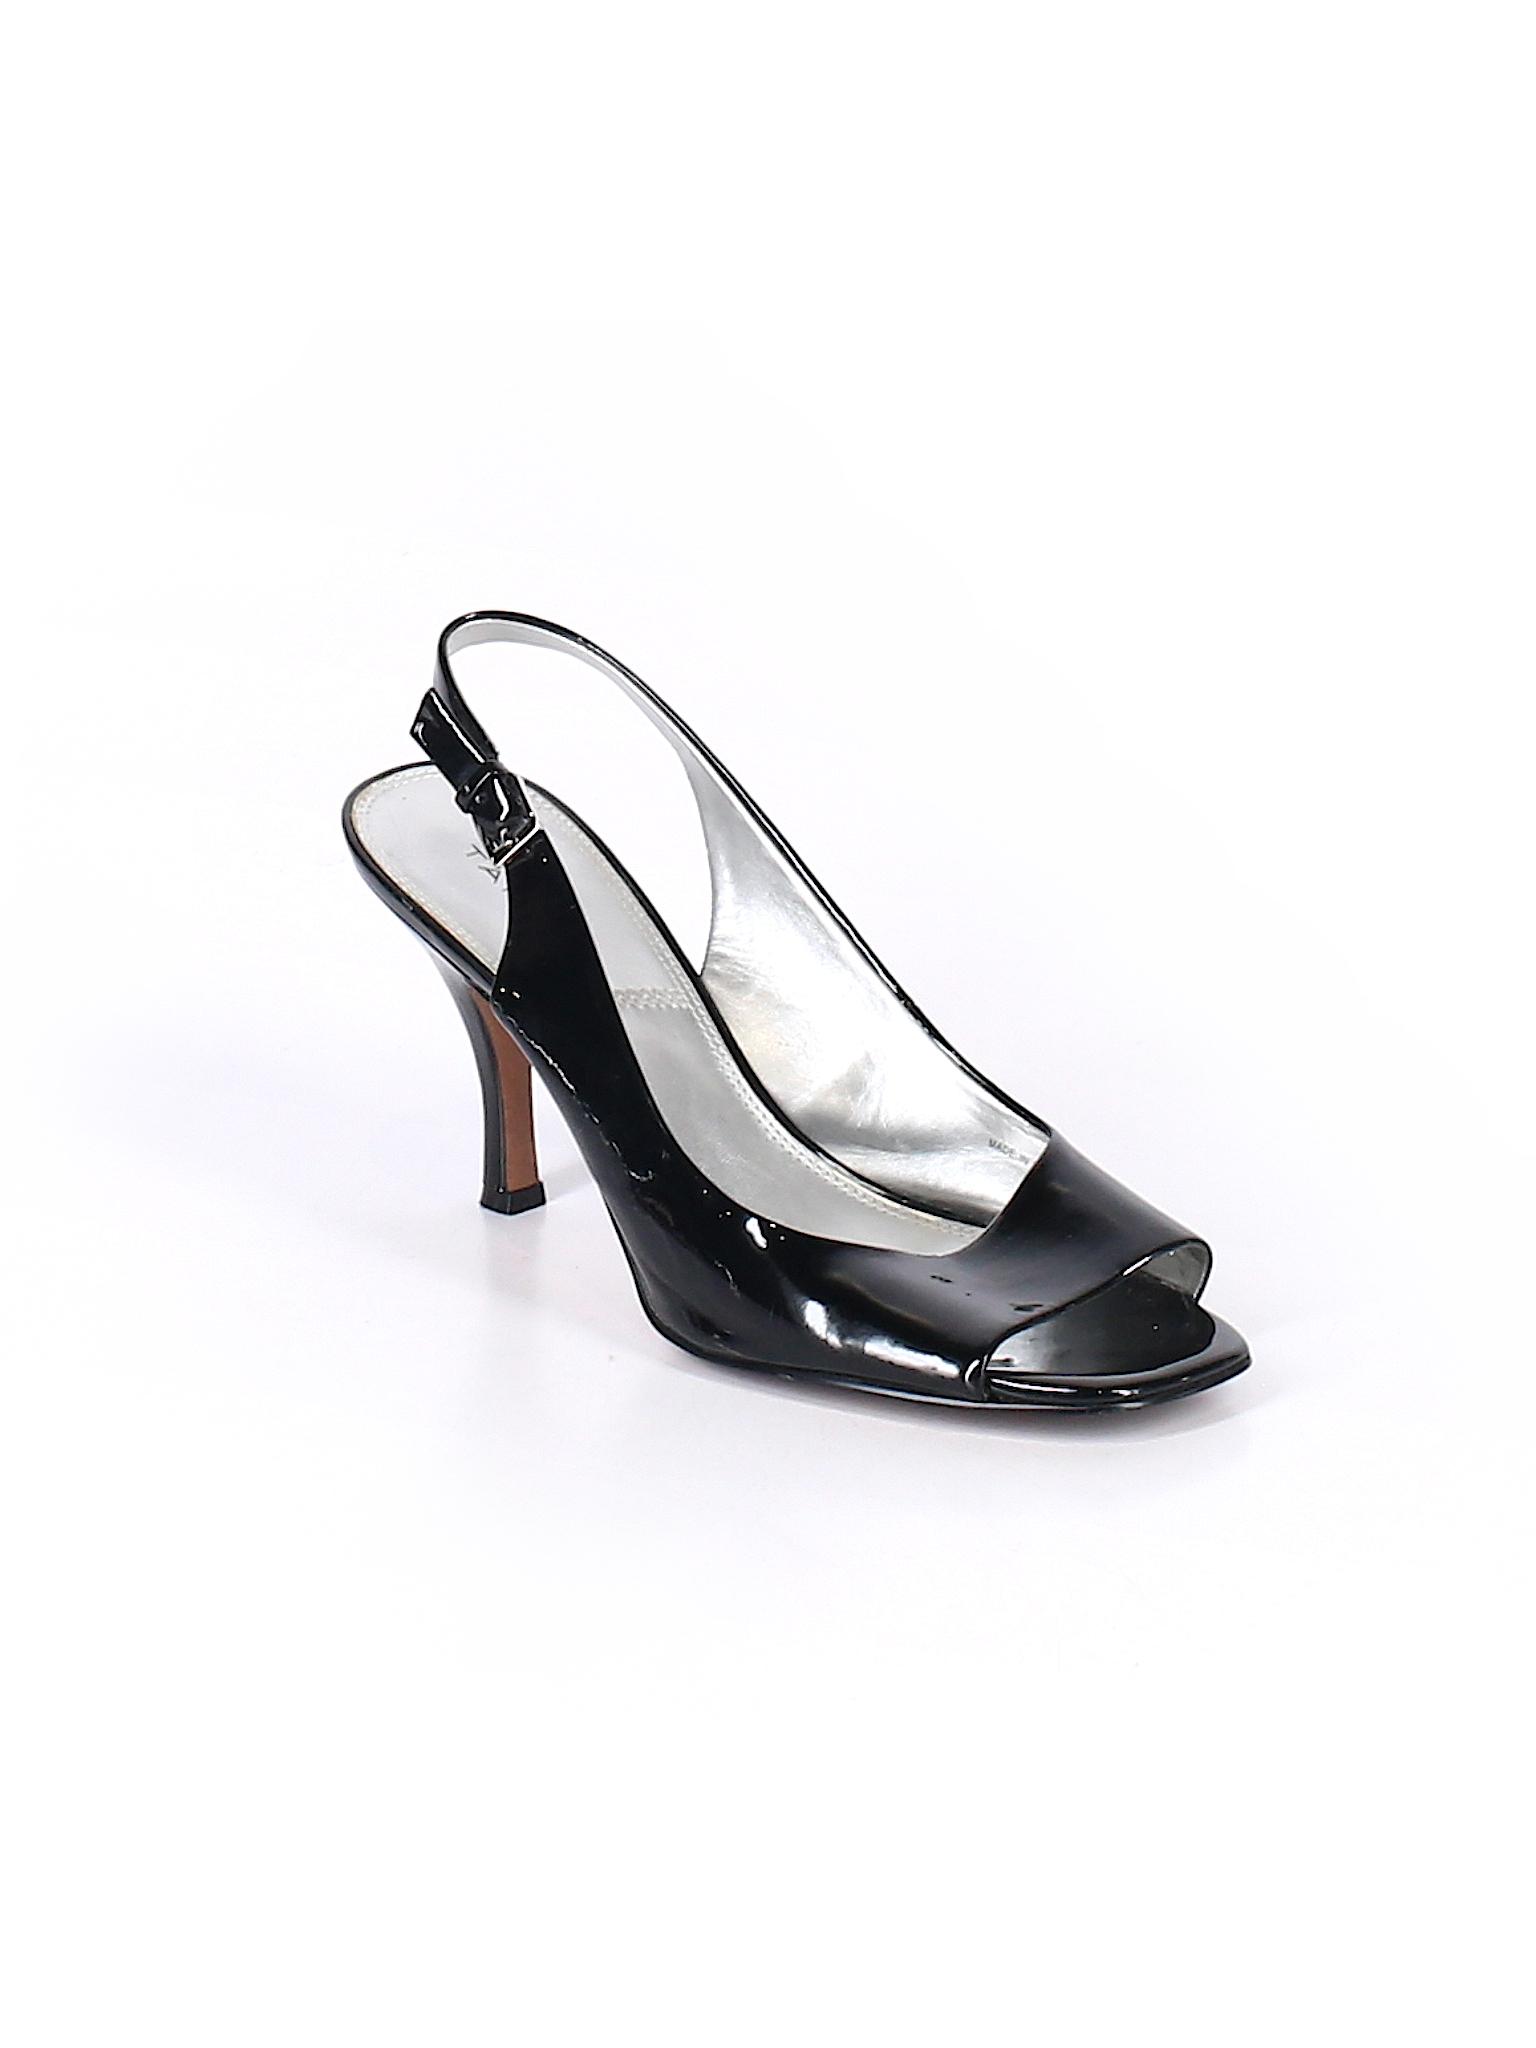 Boutique promotion Heels Boutique Tahari promotion P8P0RSq